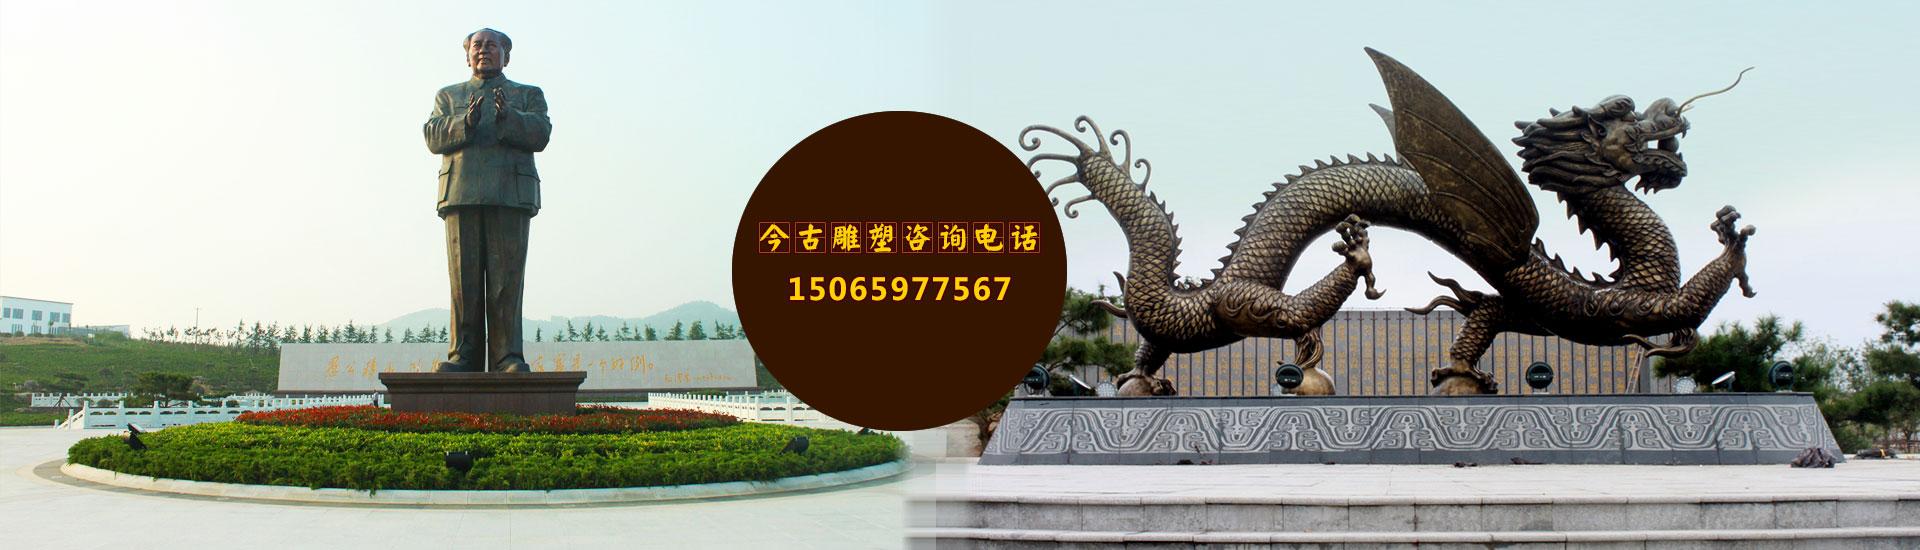 临沂今古雕塑艺术有限公司